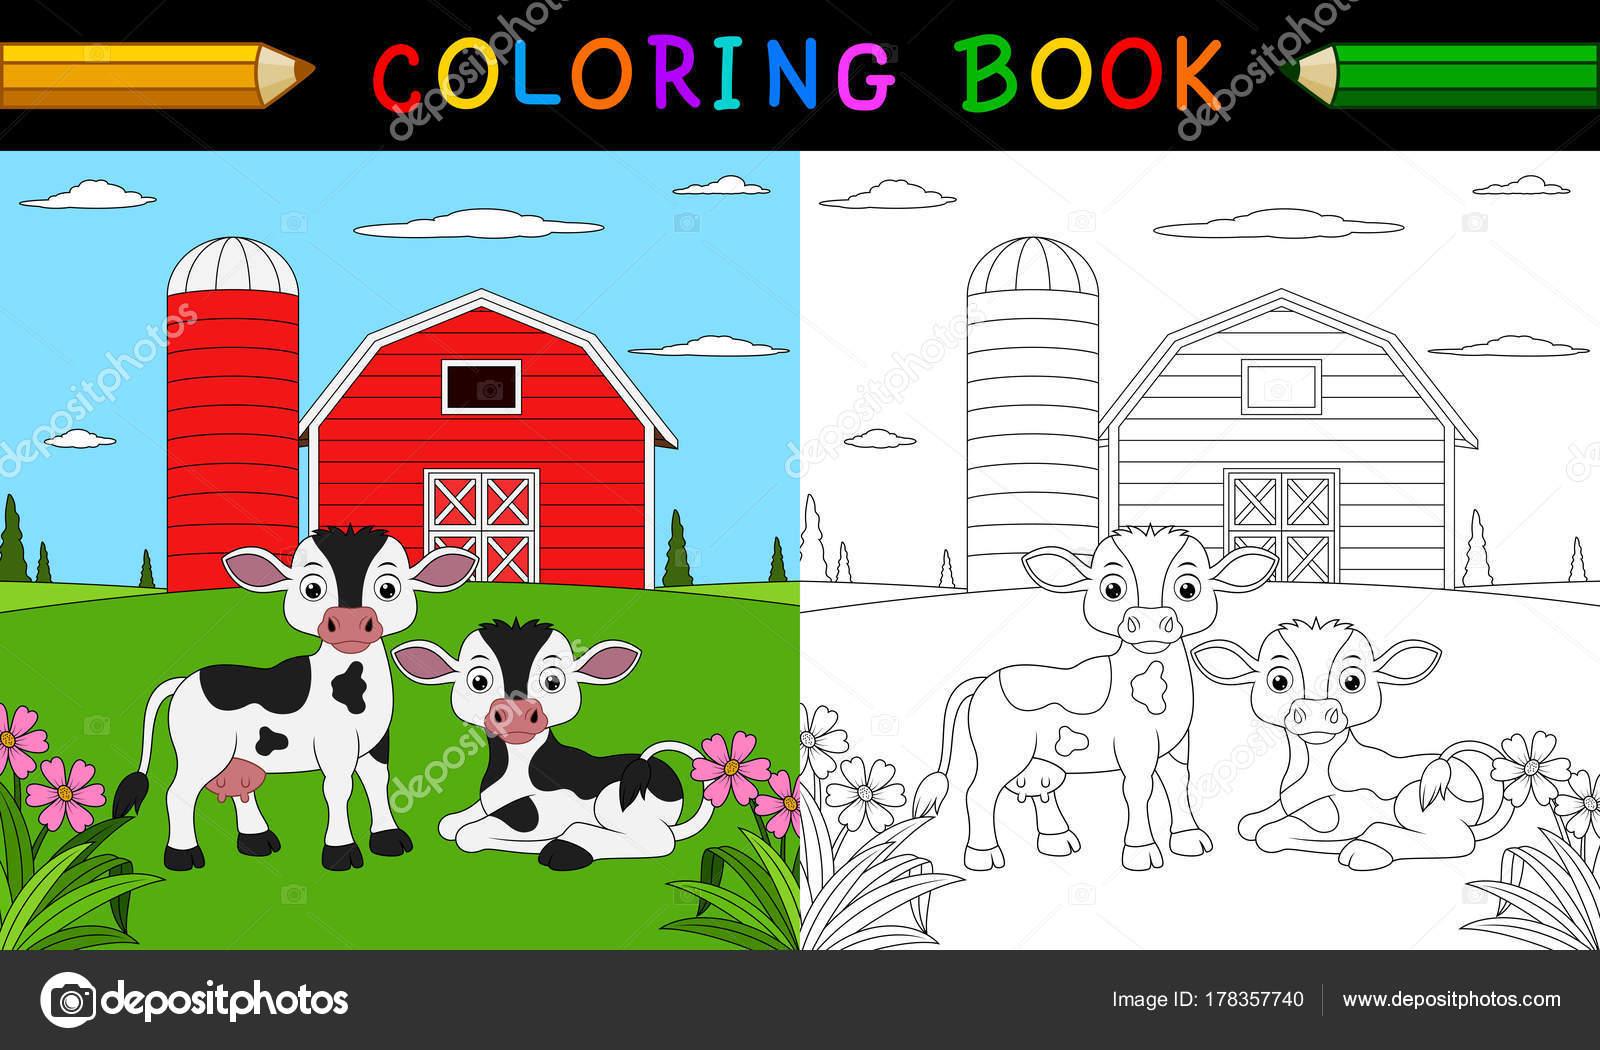 Karikatür Inek Boyama Kitabı Stok Vektör Dreamcreation01 178357740